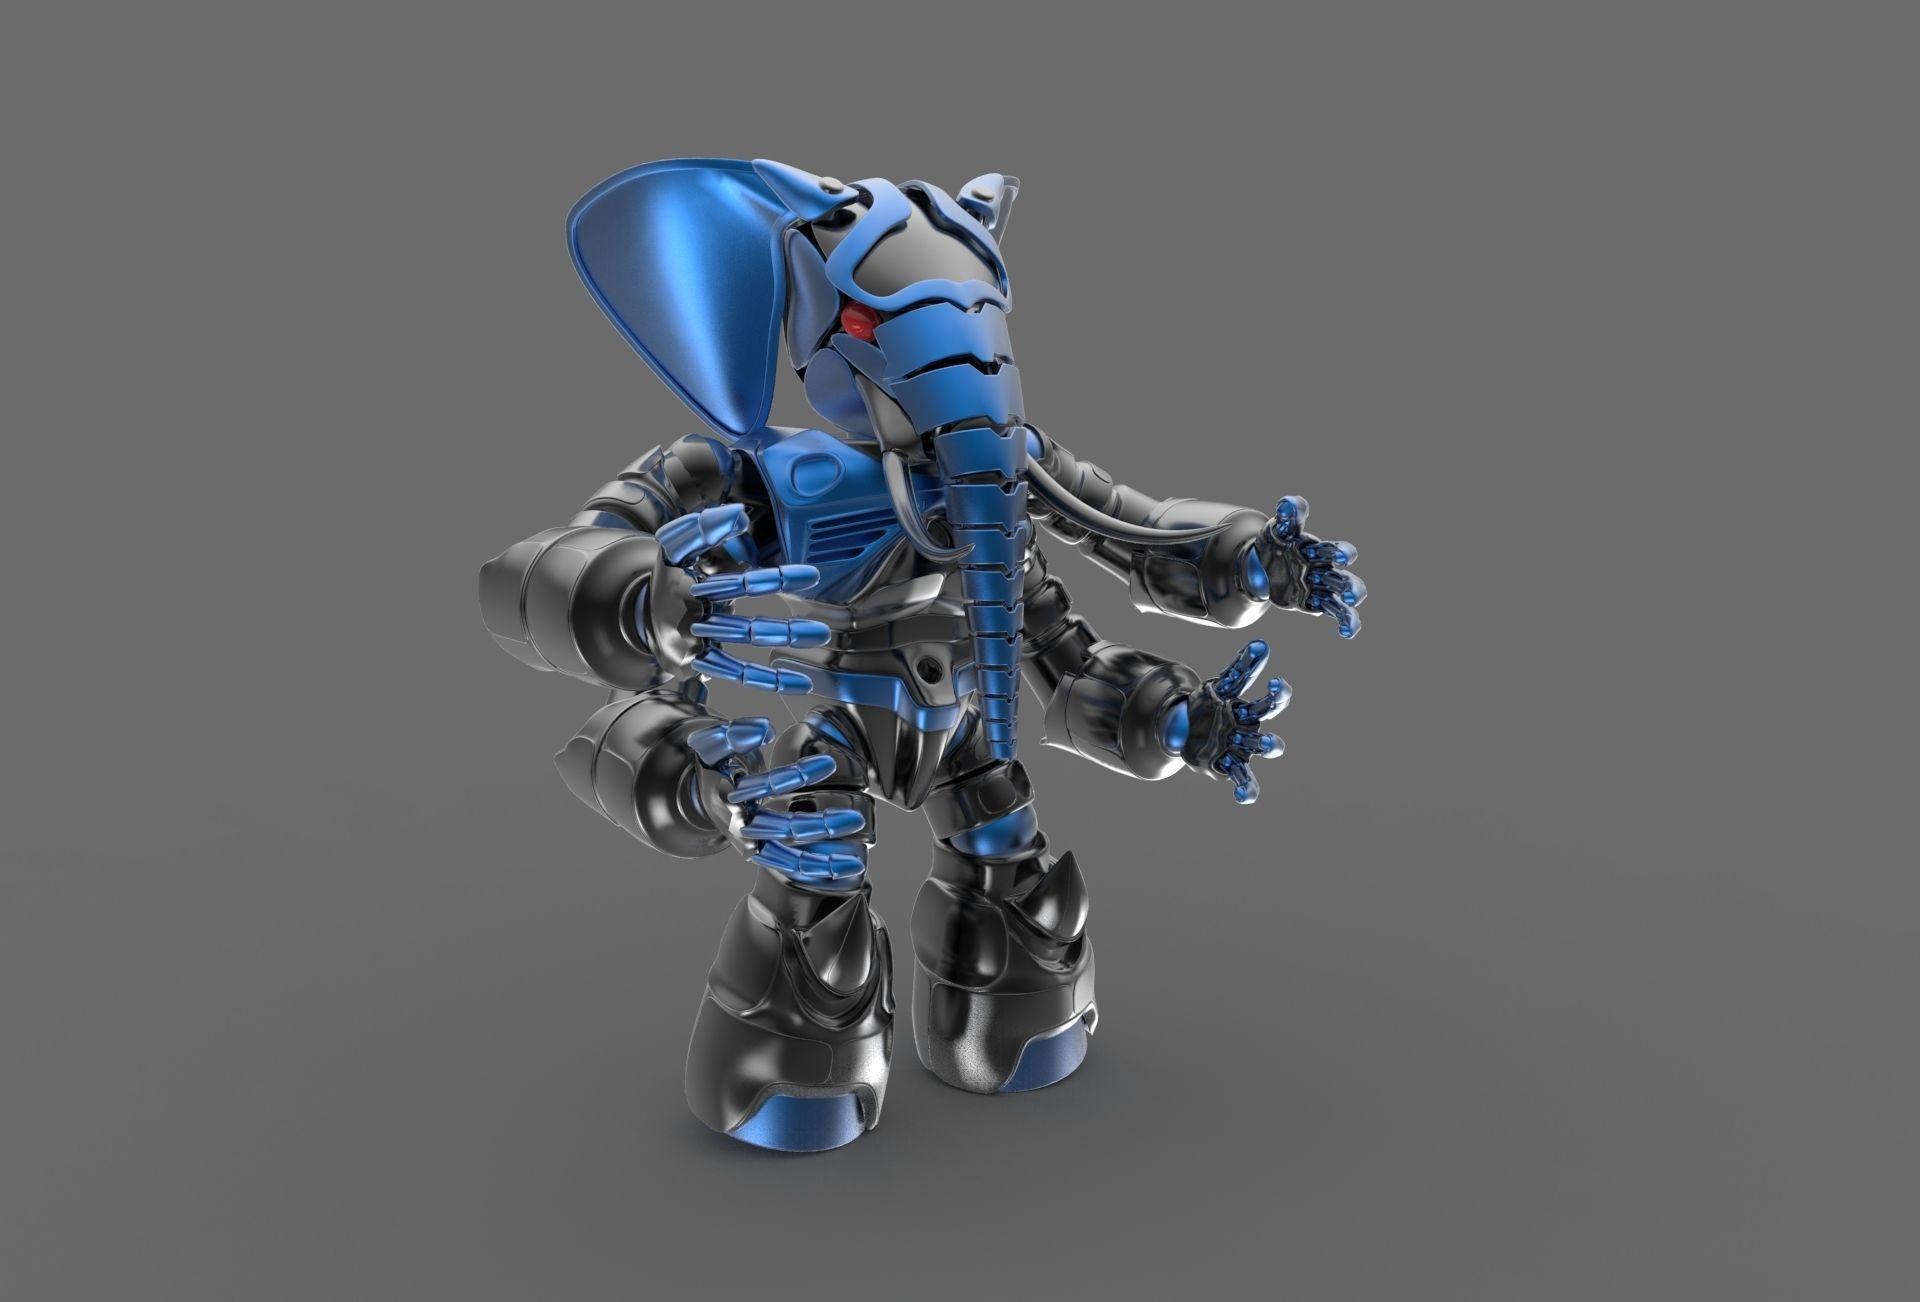 Robot elephant | 3D model